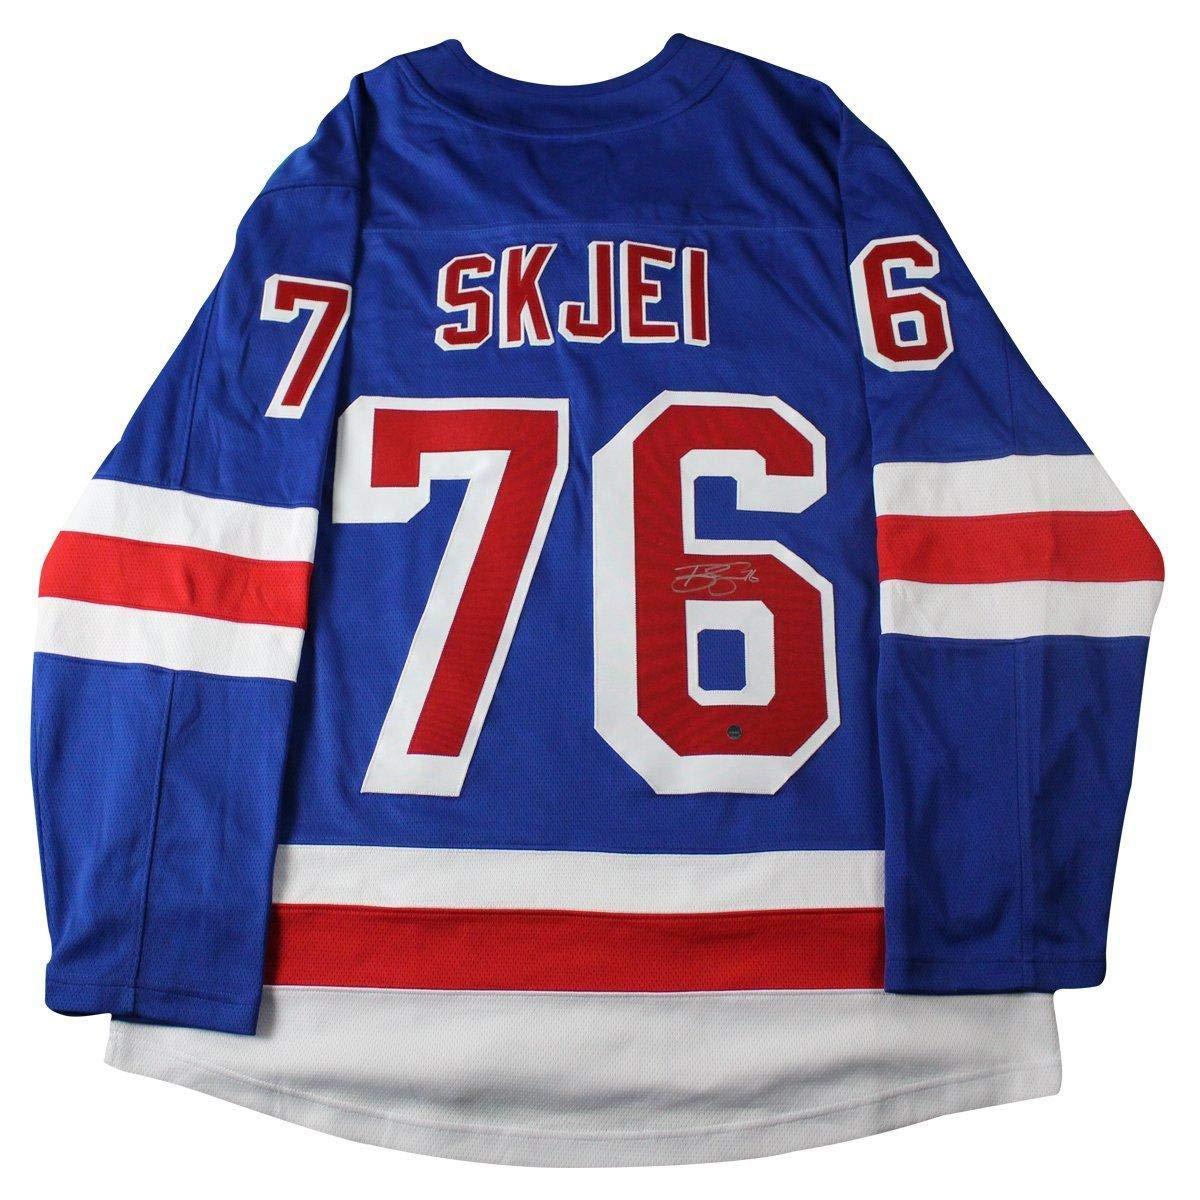 buy online 5d675 bbb45 Brady Skjei Signed New York Rangers Fanatic Blue Breakaway ...